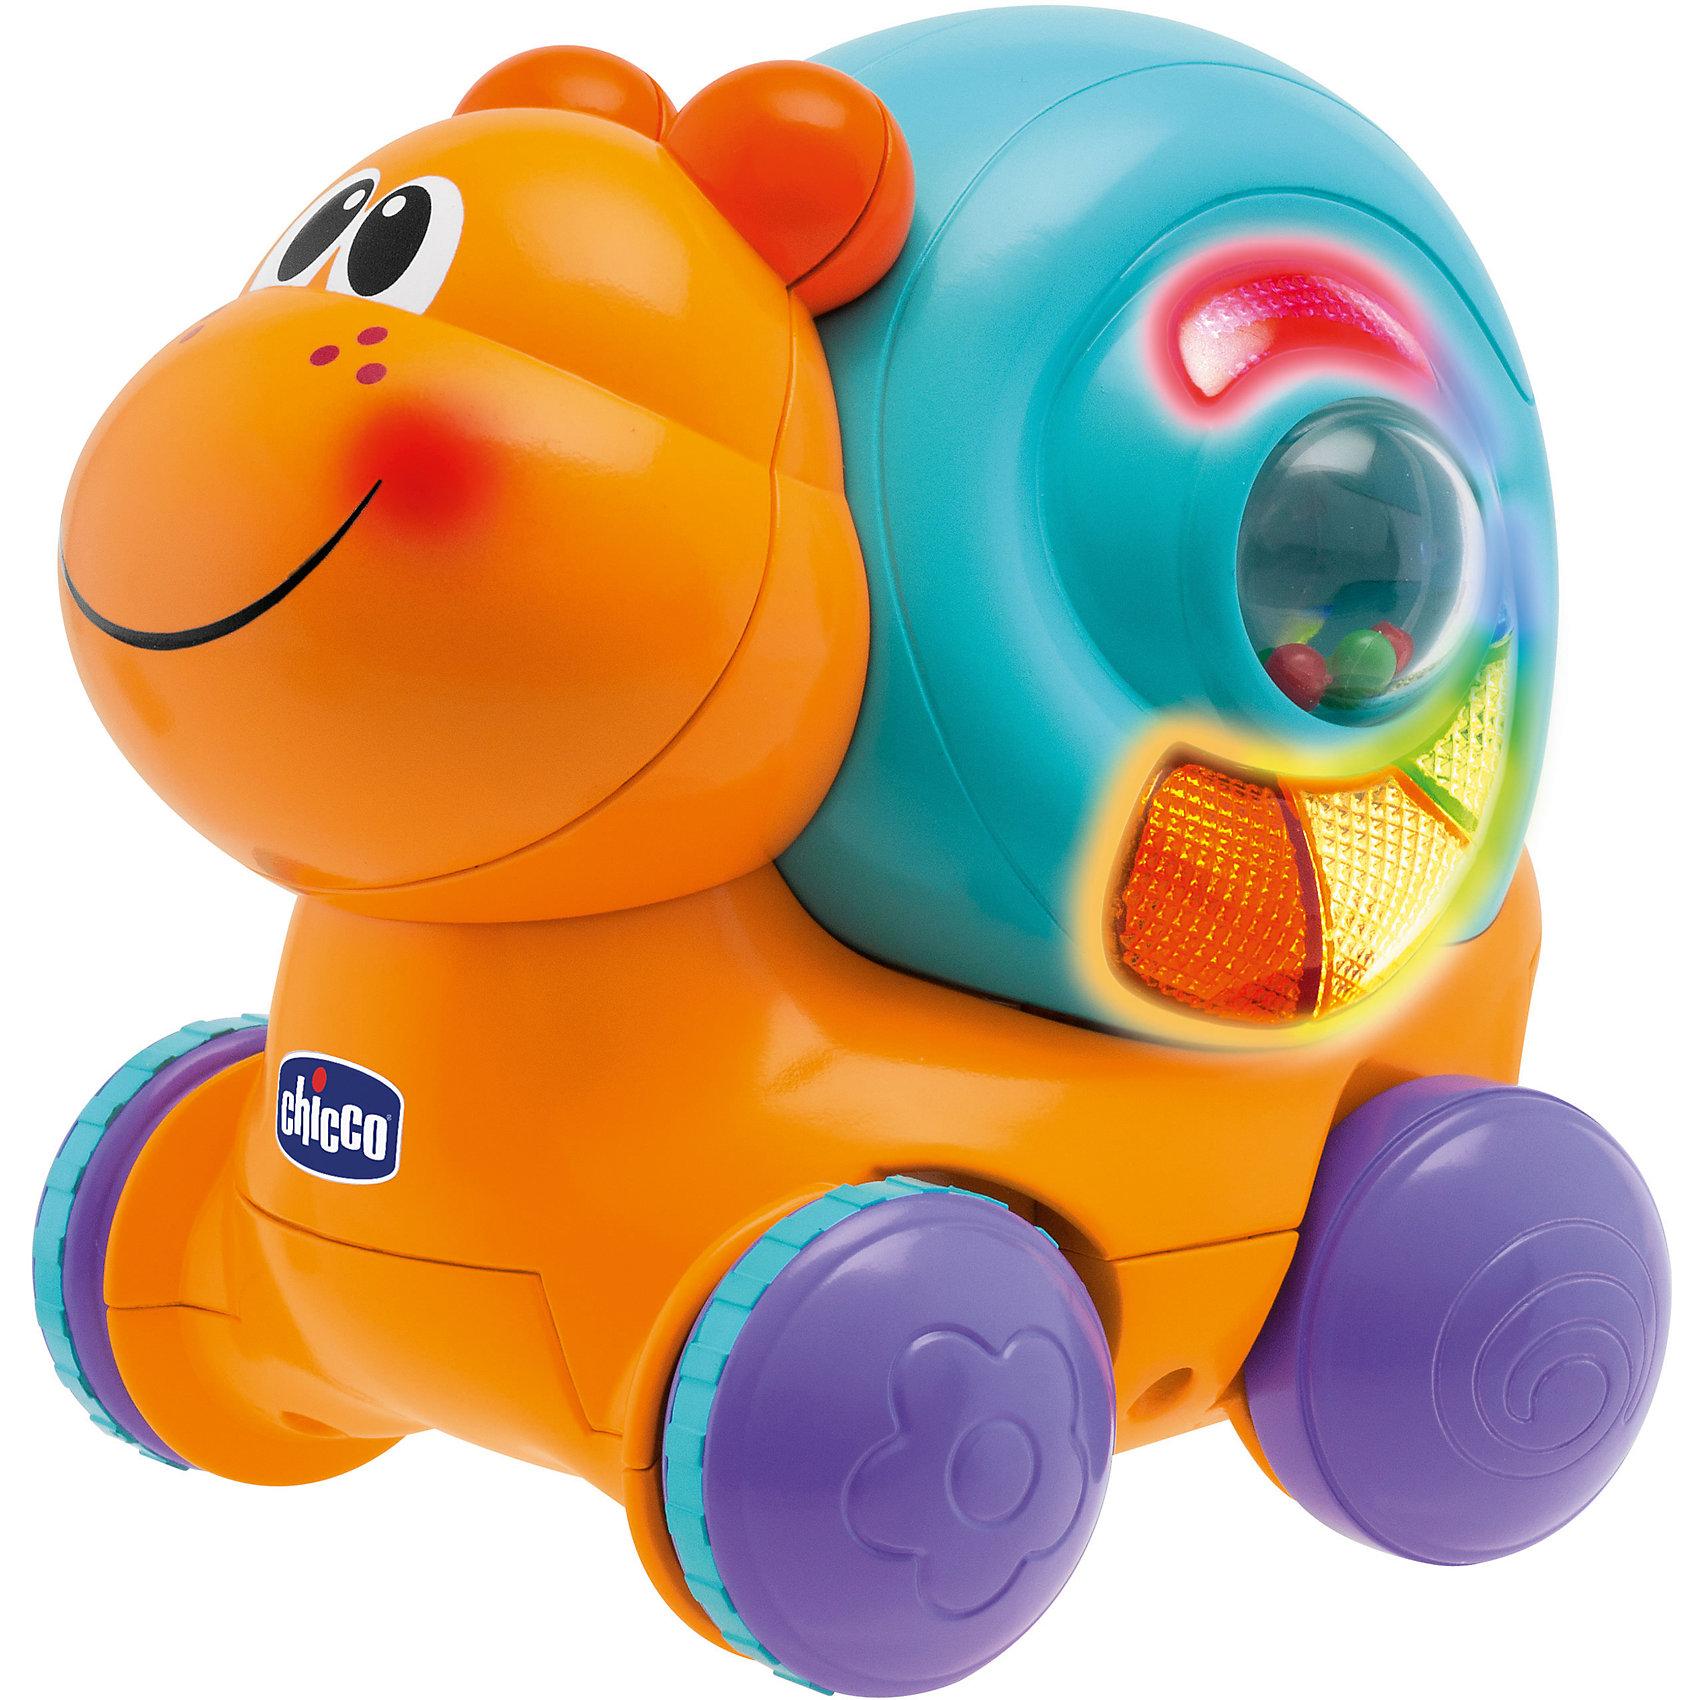 Улитка Вперед, ребята, ChiccoУлитка Вперед, ребята, Chicco (Чико) – эта очаровательная жизнерадостная улитка на колёсиках подарит прекрасные эмоции ребёнку.<br>Развивающая игрушка Вперед, ребята! понравится вашему ребенку и не позволит ему скучать. Она выполнена из прочного пластика оранжевого и голубого цветов в виде симпатичной улитки на колесиках. На её домике расположены крутящийся шарик-погремушка, кнопочка при нажатии и разноцветные огоньки, которые загораются во время поворота шарика, движения и исполнения мелодий. Если нажать на кнопку, зазвучит зажигательная музыка. На игрушку можно нажать сверху, после чего она будет ехать вперёд, издавая забавные звуки движения и торможения. Во время движения улитки играют две джазовые композиции. Игрушка поможет малышу в развитии цветового и звукового восприятия, мелкой моторики рук, ловкости и координации движений.<br><br>Дополнительная информация:<br><br>- Цвет: оранжевый, голубой<br>- Батарейки: 3 типа АА (входят в комплект)<br>- Материал: высококачественный пластик<br>- Размер игрушки: 17 х 14,5 х 17 см. <br>- Размер упаковки: 19 х 19 х 18 см.<br>- Вес: 0,78 кг.<br><br>Улитку Вперед, ребята, Chicco (Чико) можно купить в нашем интернет-магазине.<br><br>Ширина мм: 192<br>Глубина мм: 196<br>Высота мм: 152<br>Вес г: 775<br>Возраст от месяцев: 9<br>Возраст до месяцев: 36<br>Пол: Унисекс<br>Возраст: Детский<br>SKU: 2450428